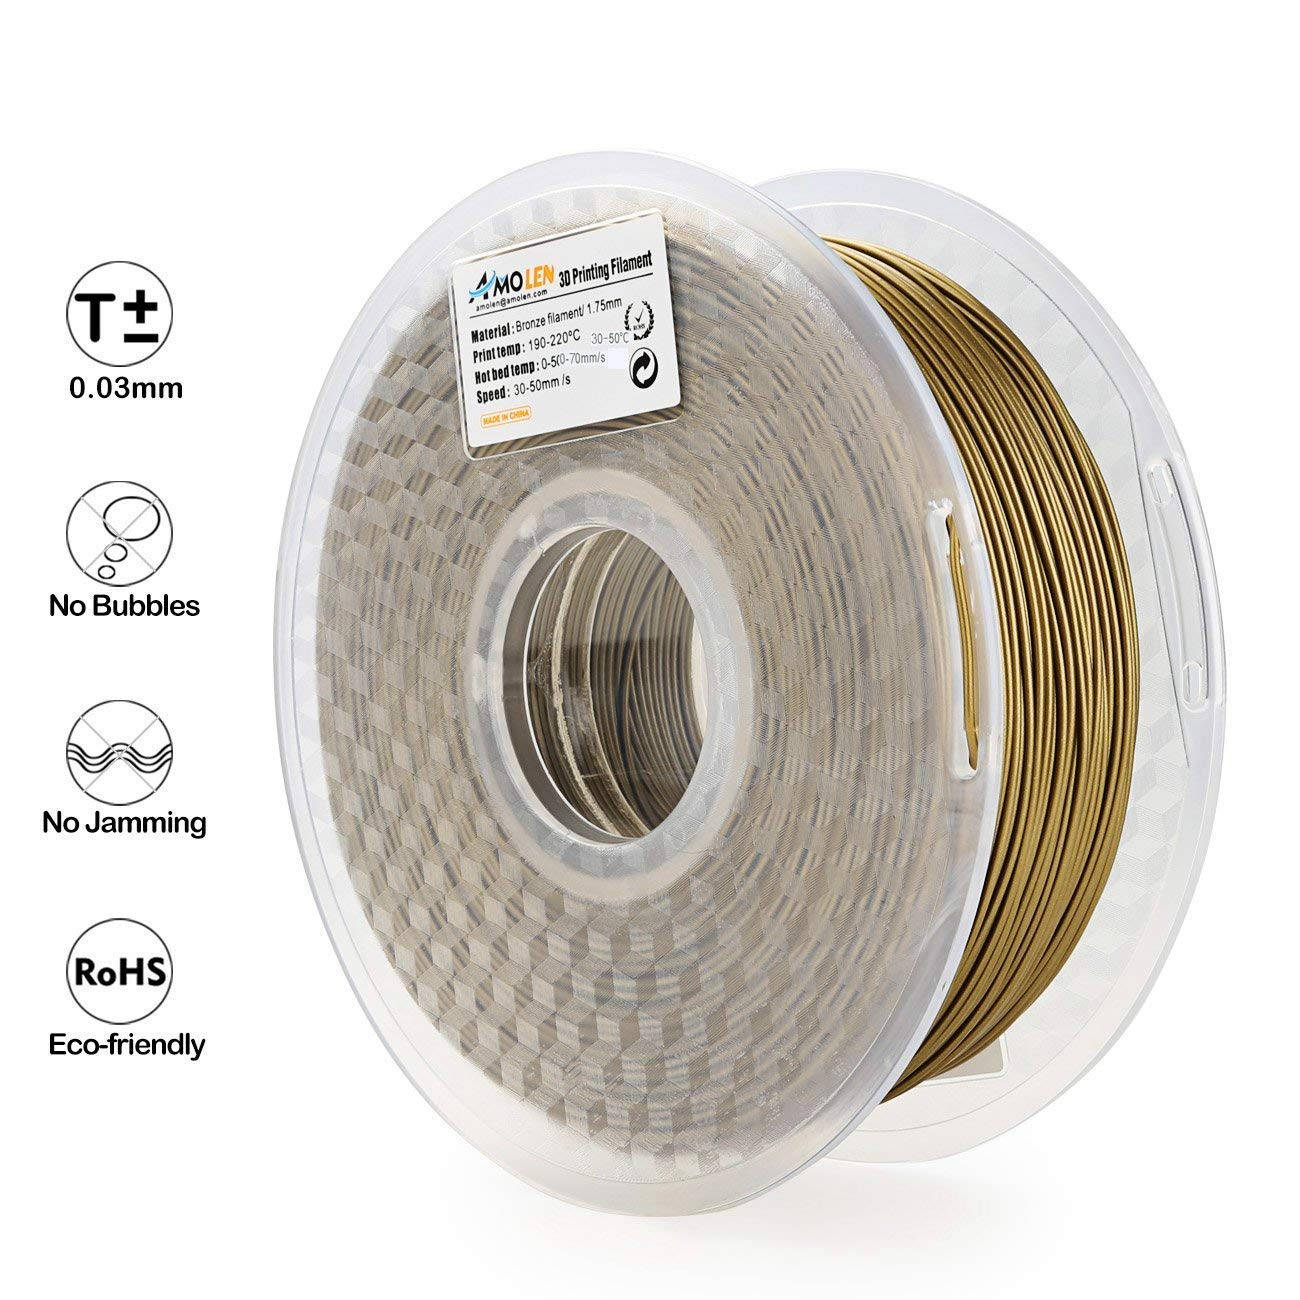 Spool includes Sample/Marble/Filament 2.2LBS 1KG AMOLEN/3D/Printer/Filament,/Frosted Bronze PLA/Filament/1.75mm/+//-/0.03/mm